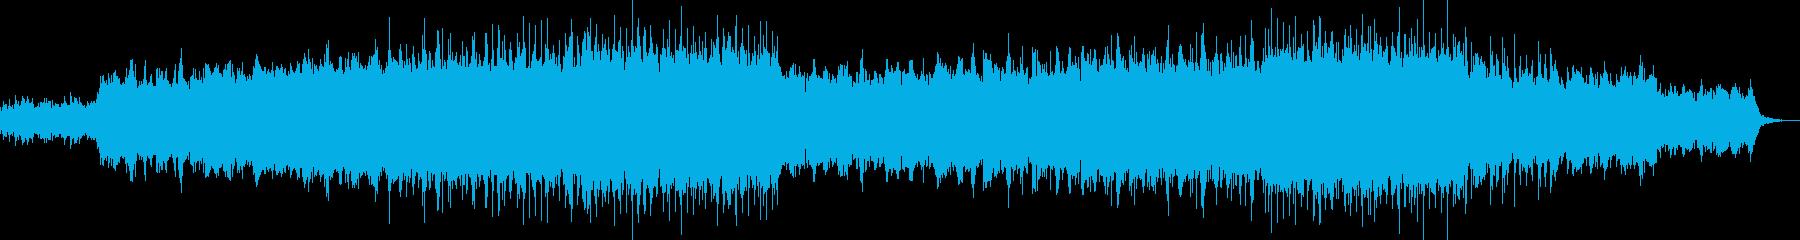 優雅な雰囲気を奏でるバラード調BGMの再生済みの波形